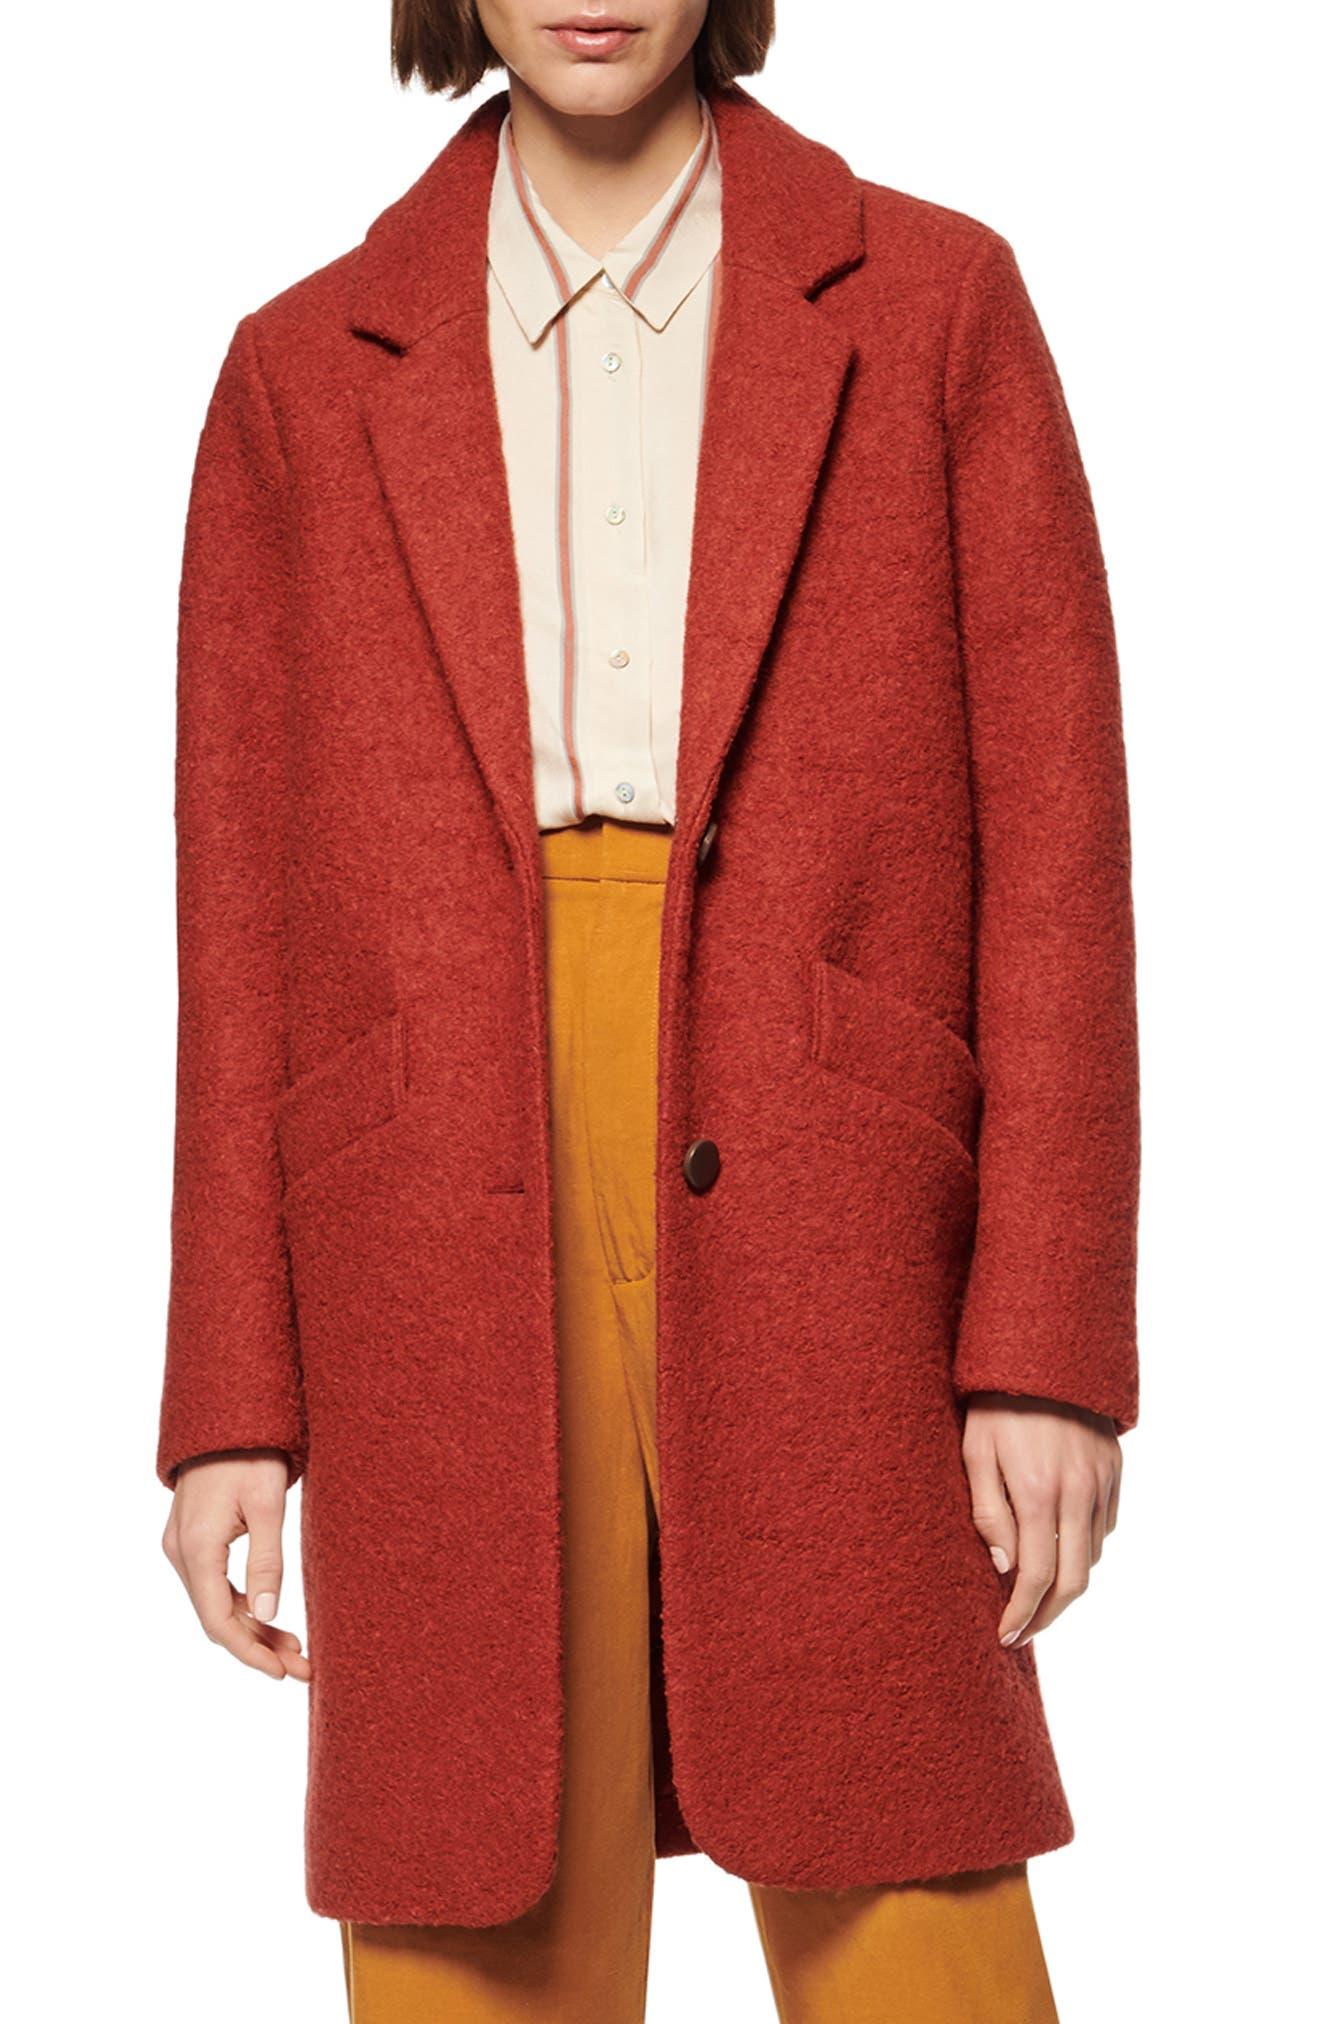 Marc New York Paige Bouclé Coat